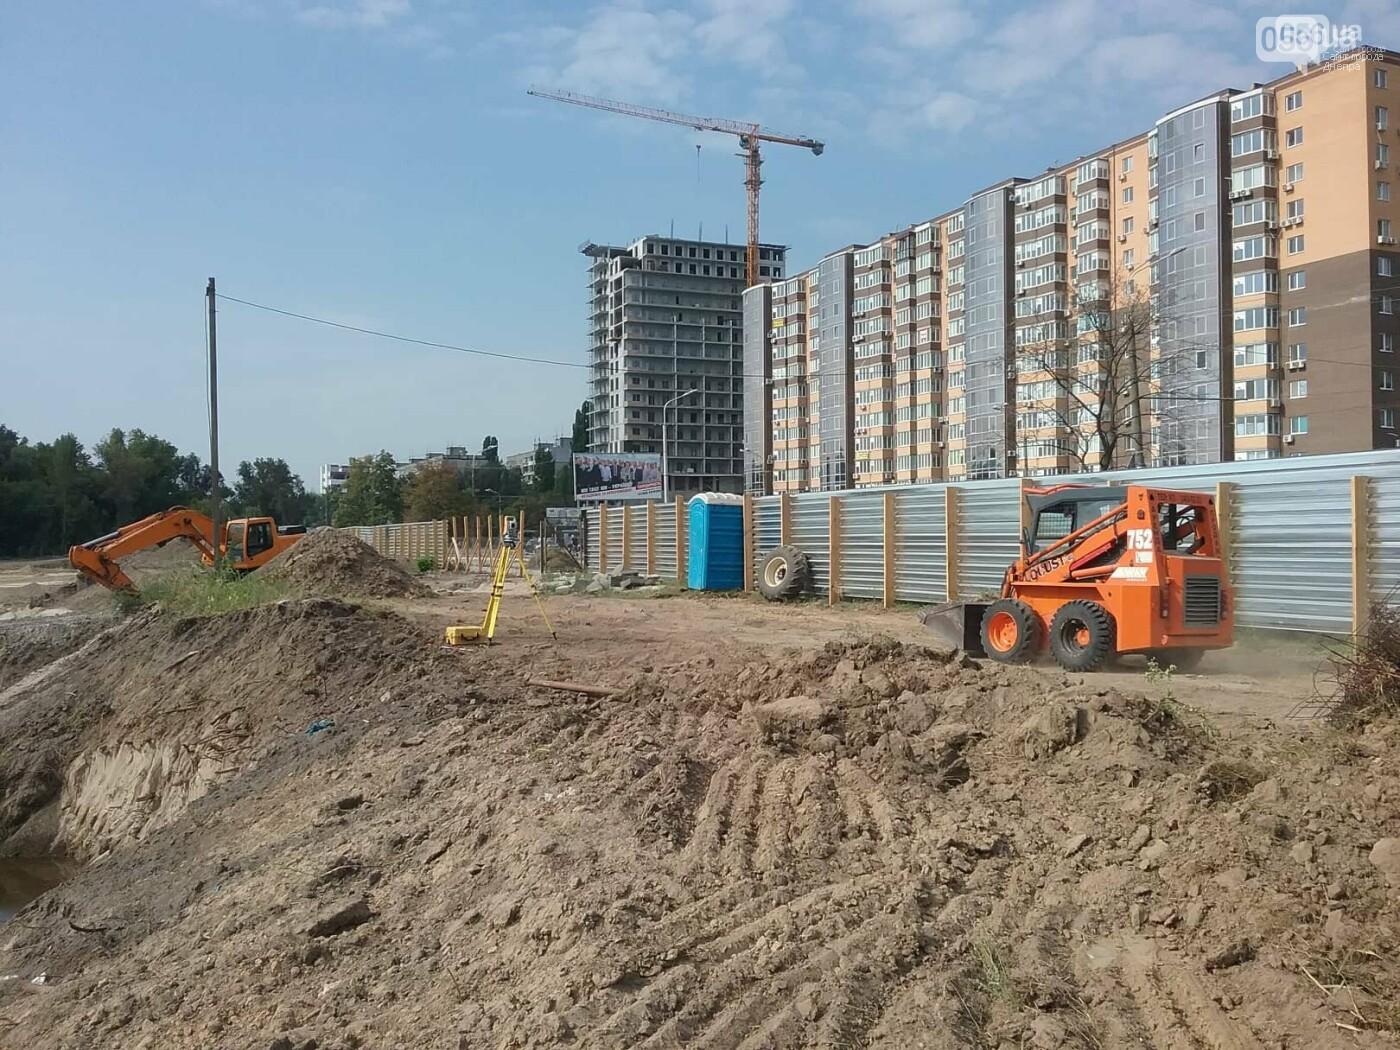 Новый парк в Днепре: какой будет Набережная Победы после реконструкции, фото-3